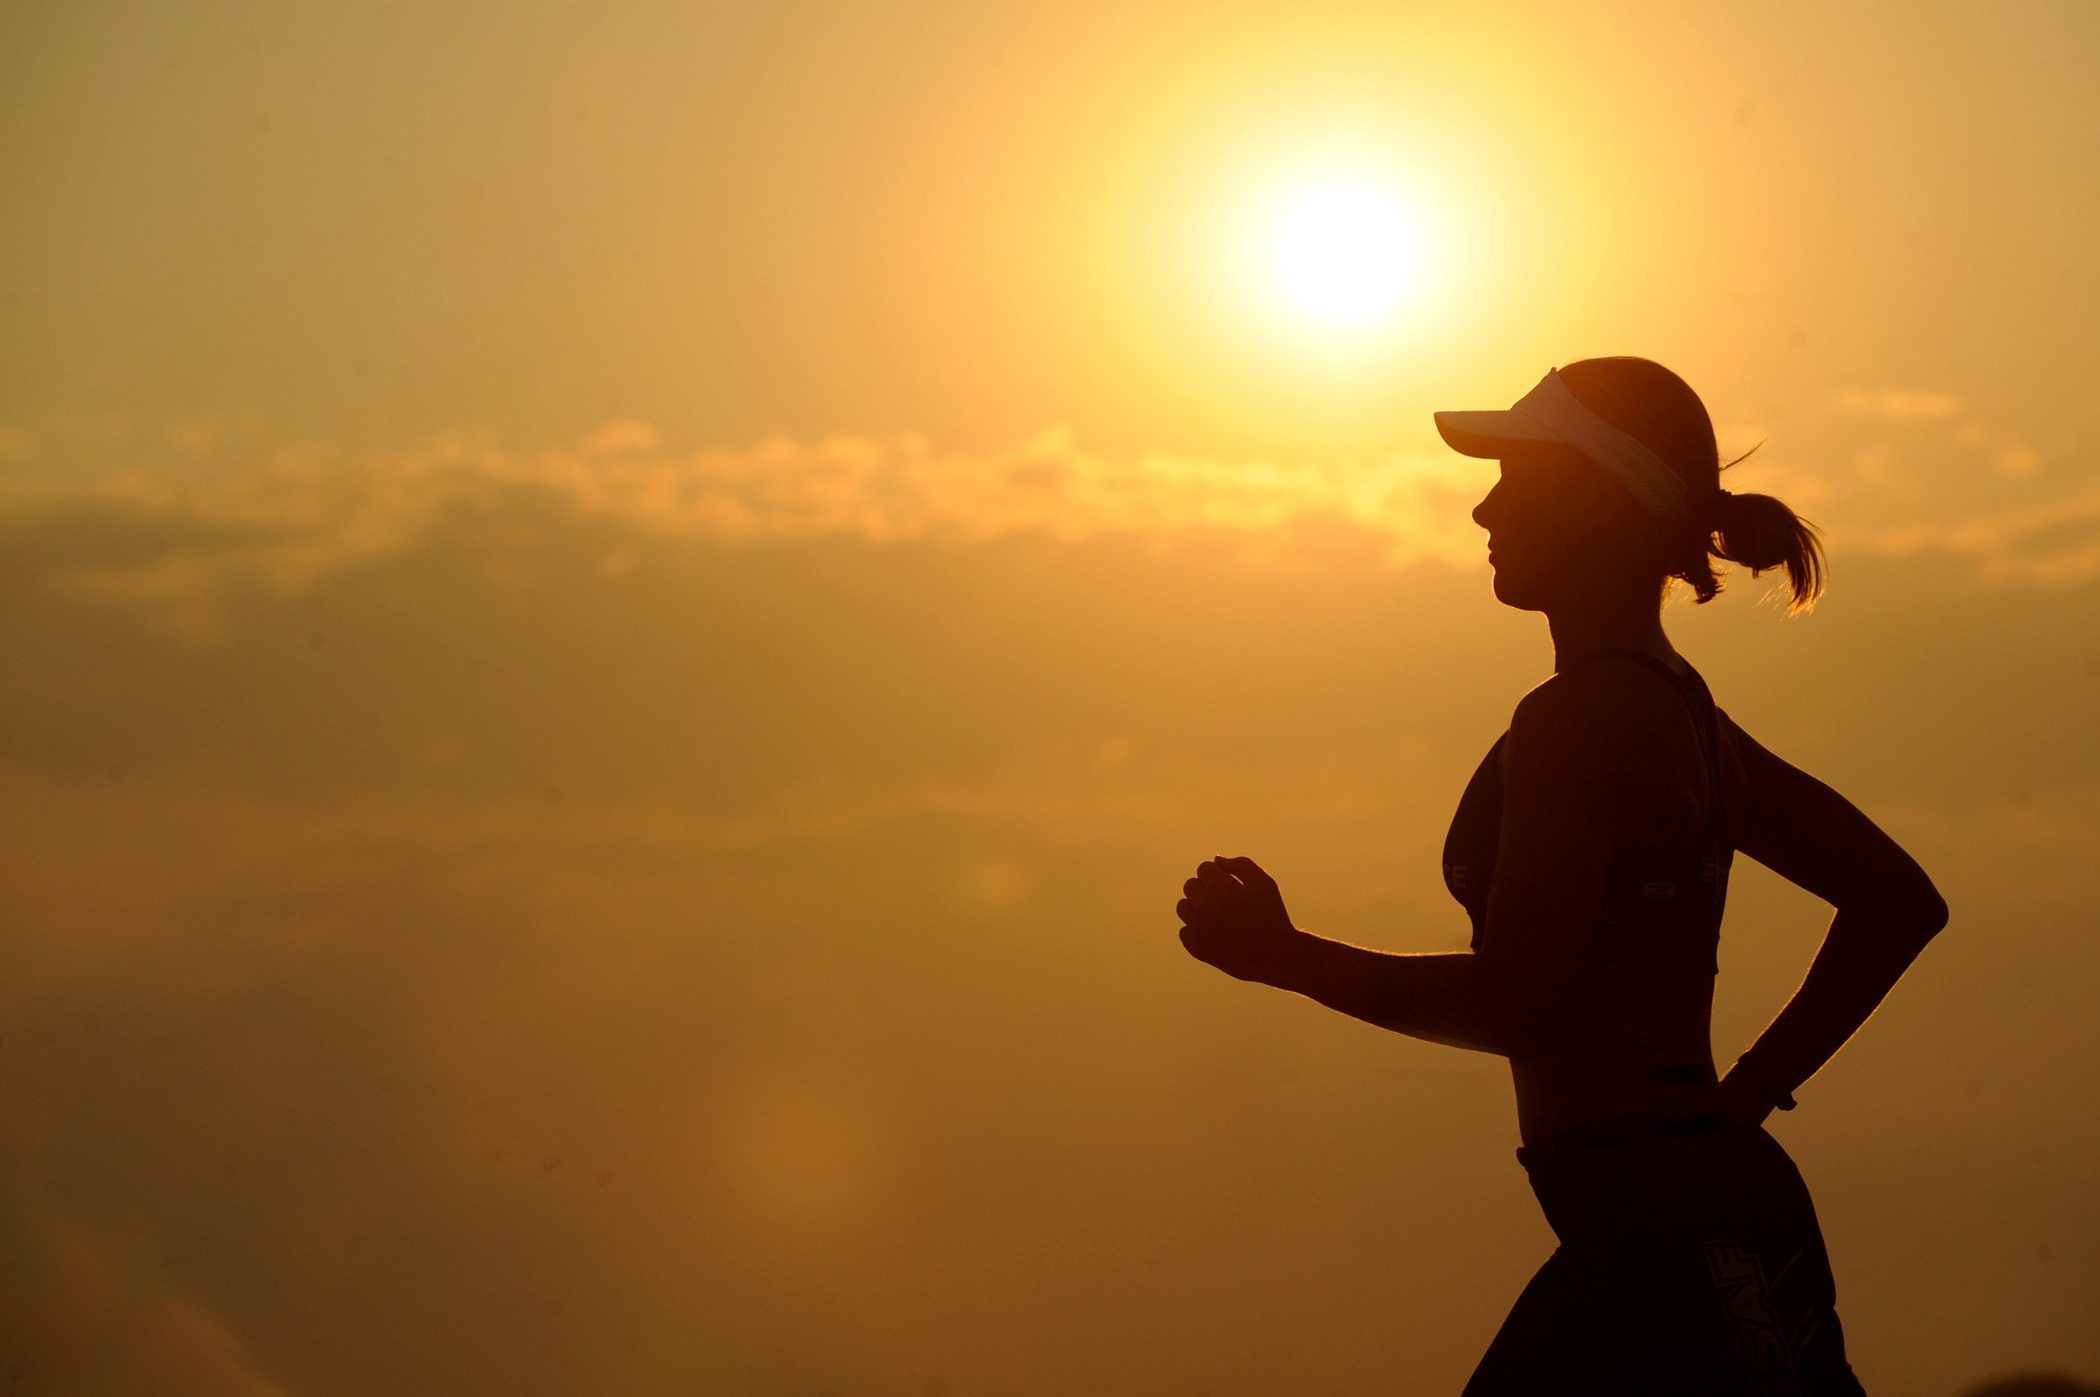 Να τρέχω γρήγορα ή αργά για να χάσω περισσότερο λίπος; 61